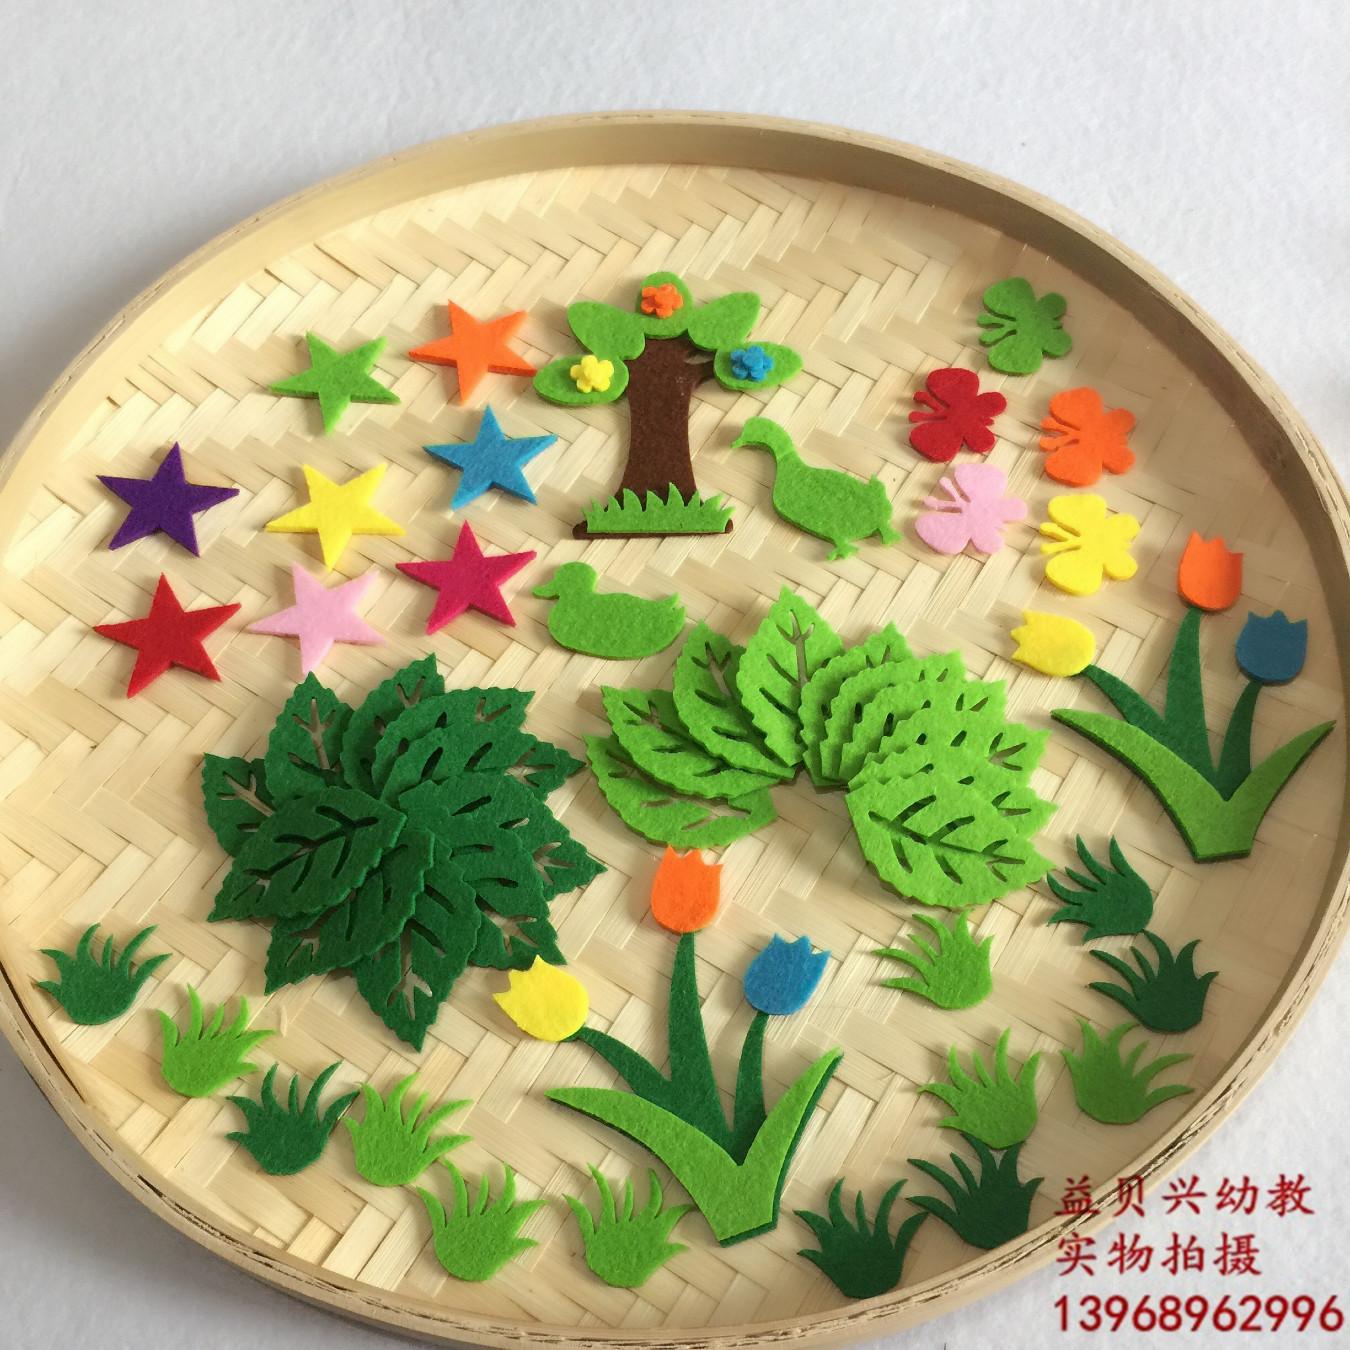 无纺布扇子吊饰幼儿园走廊创意空中挂饰室内布置 悬挂 中国风示例图11